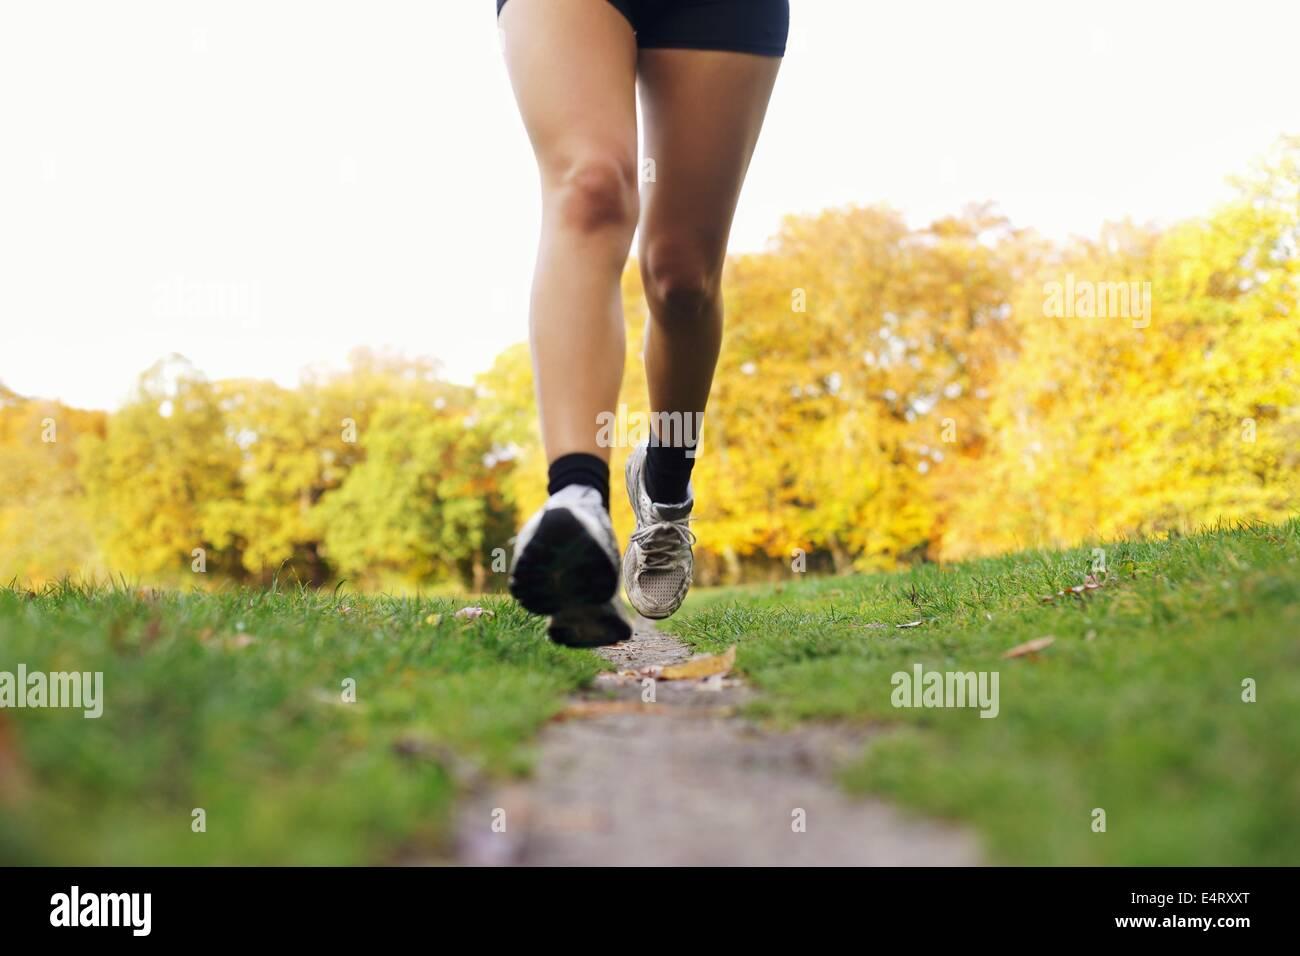 Close-up de pieds d'un runner running in park. Formation de remise en forme pour femme. Les jambes des femmes Photo Stock